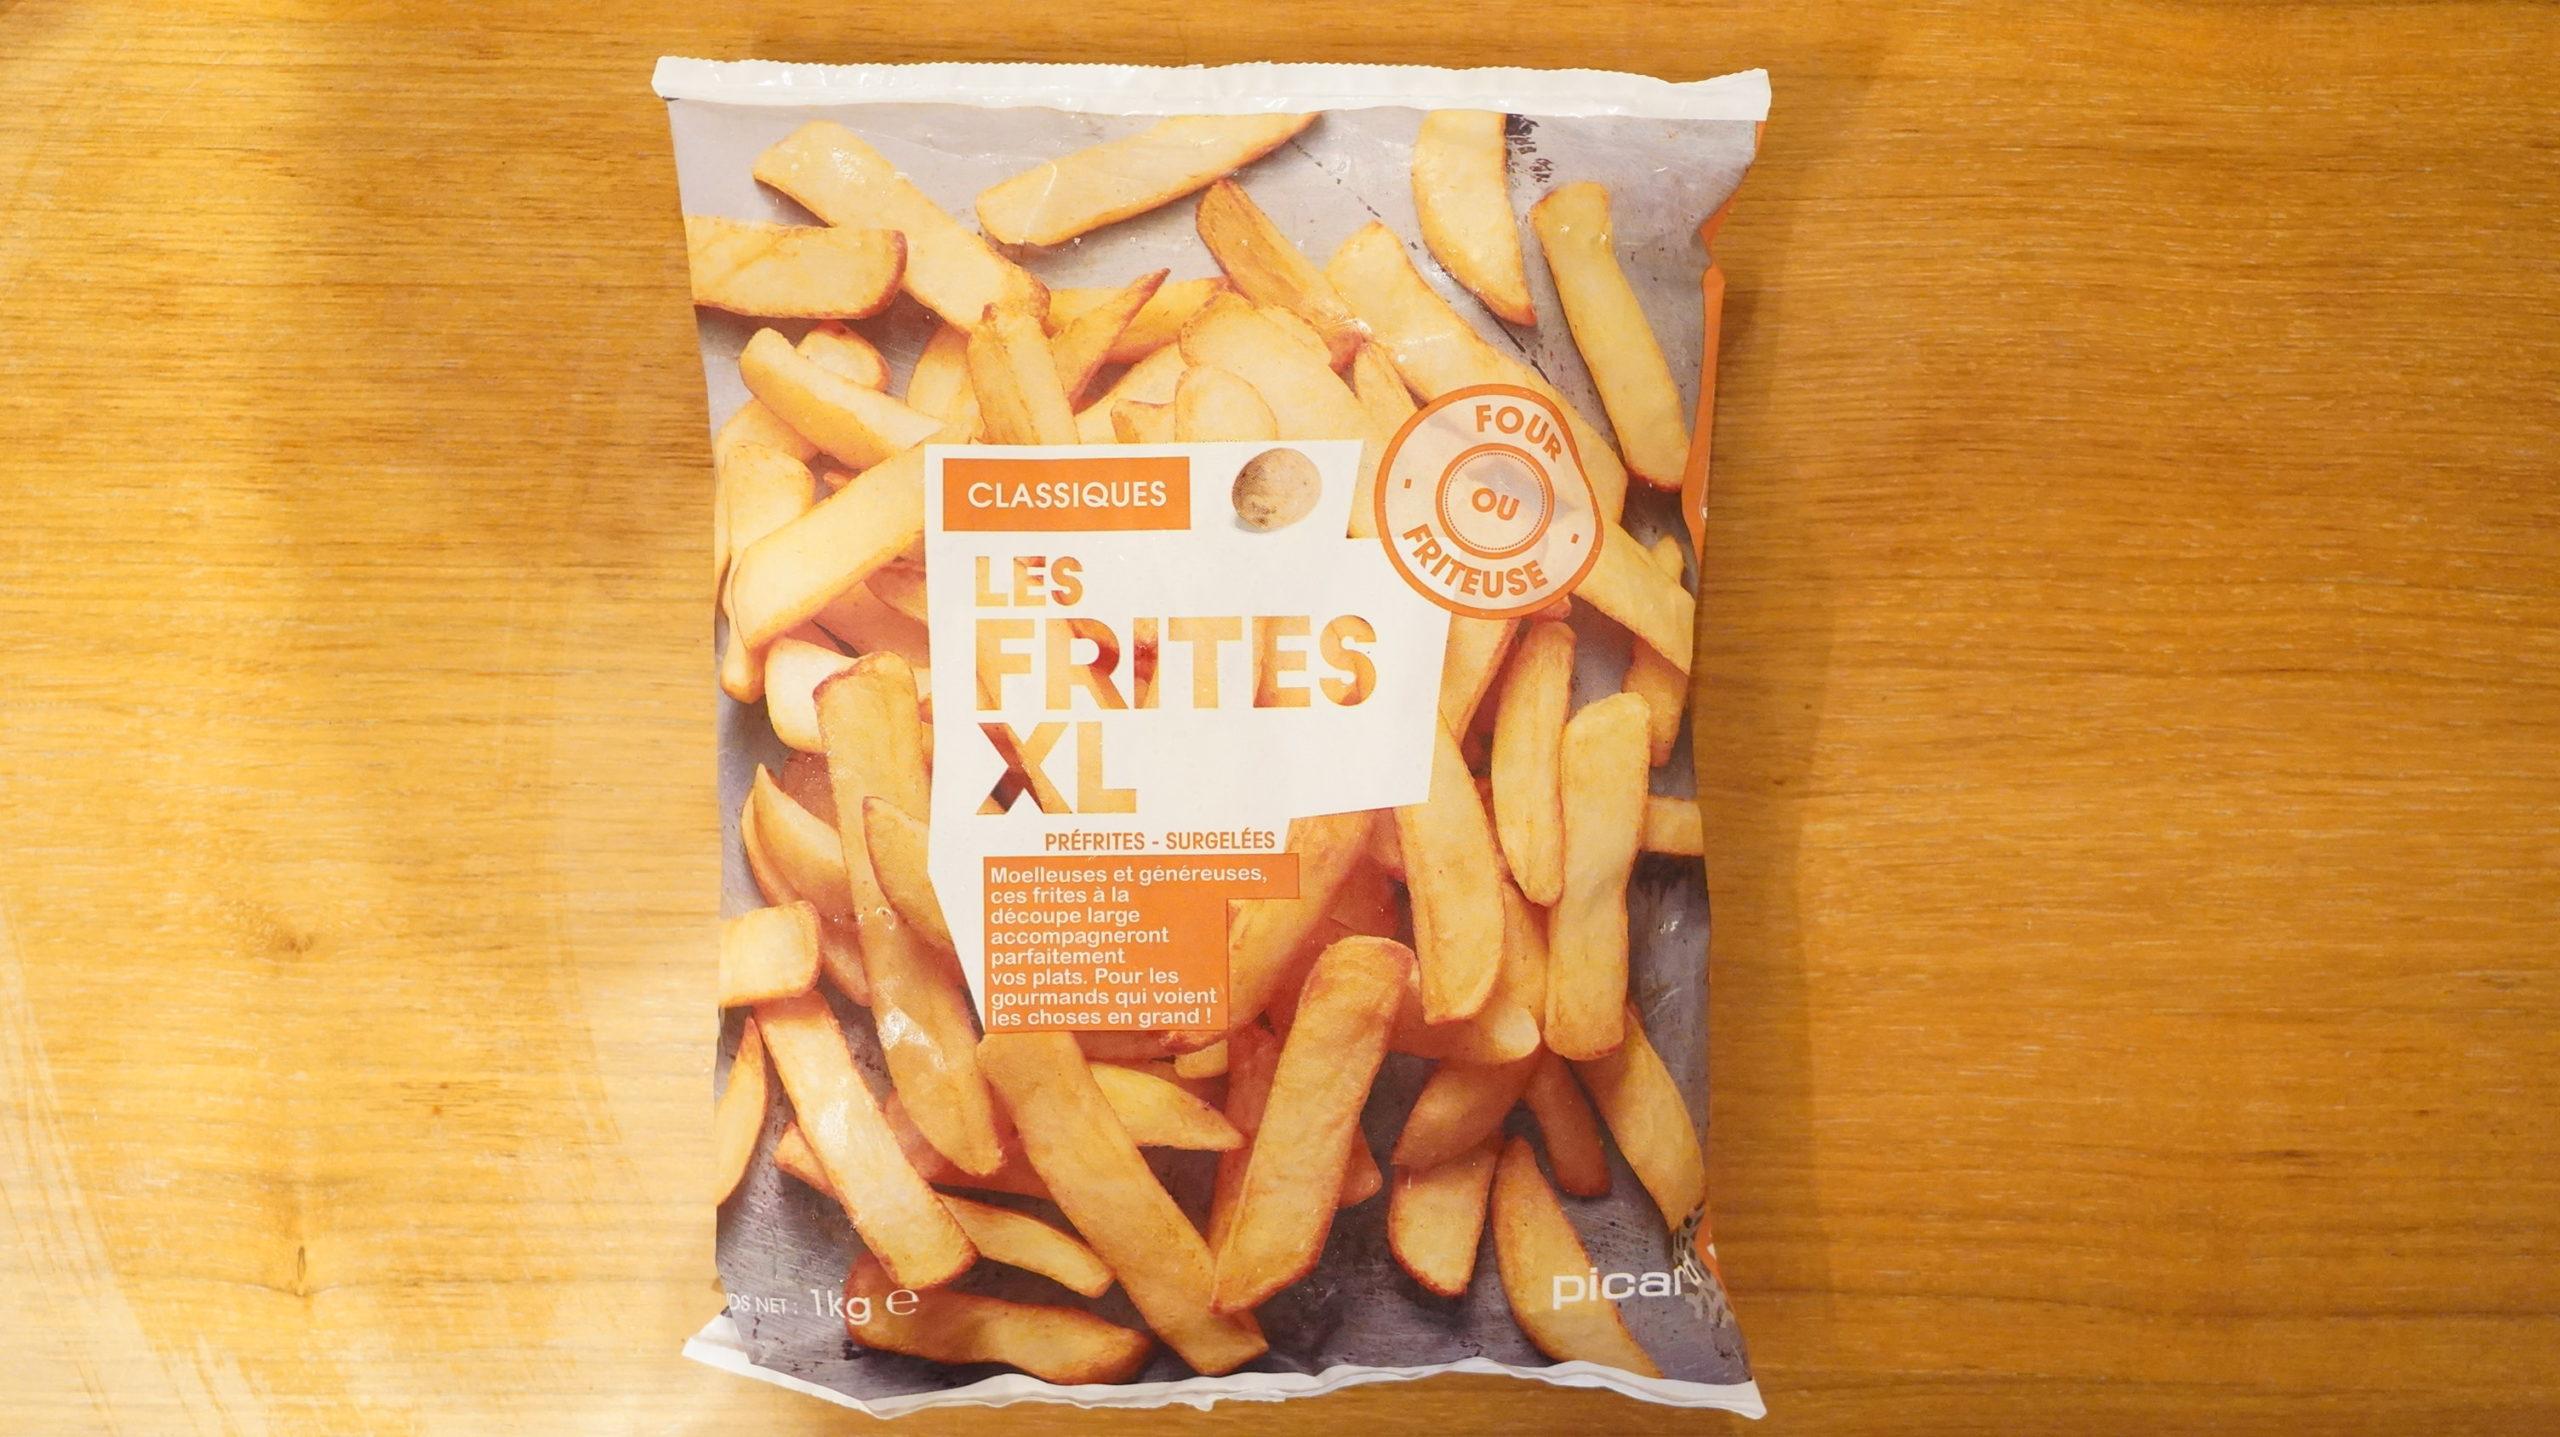 ピカールのおすすめ冷凍食品「フレンチフライXL」のパッケージ写真